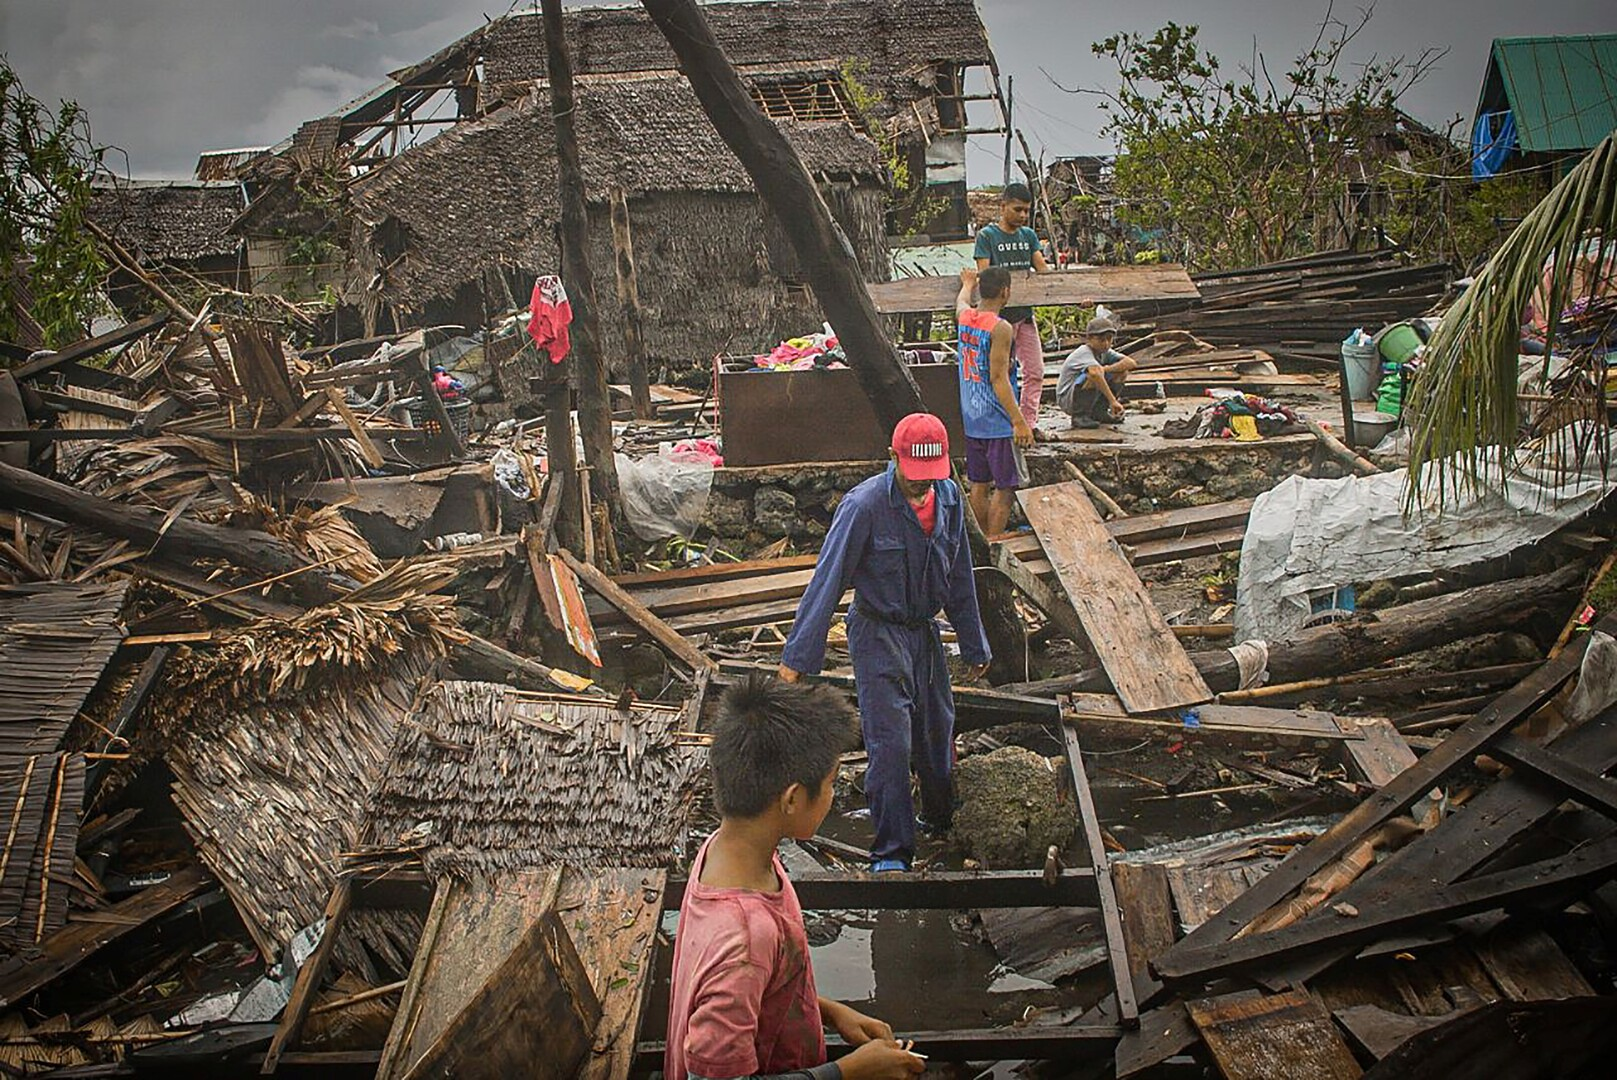 إعصار قوي يجبر 140 ألف شخص على مغادرة منازلهم في الفلبين